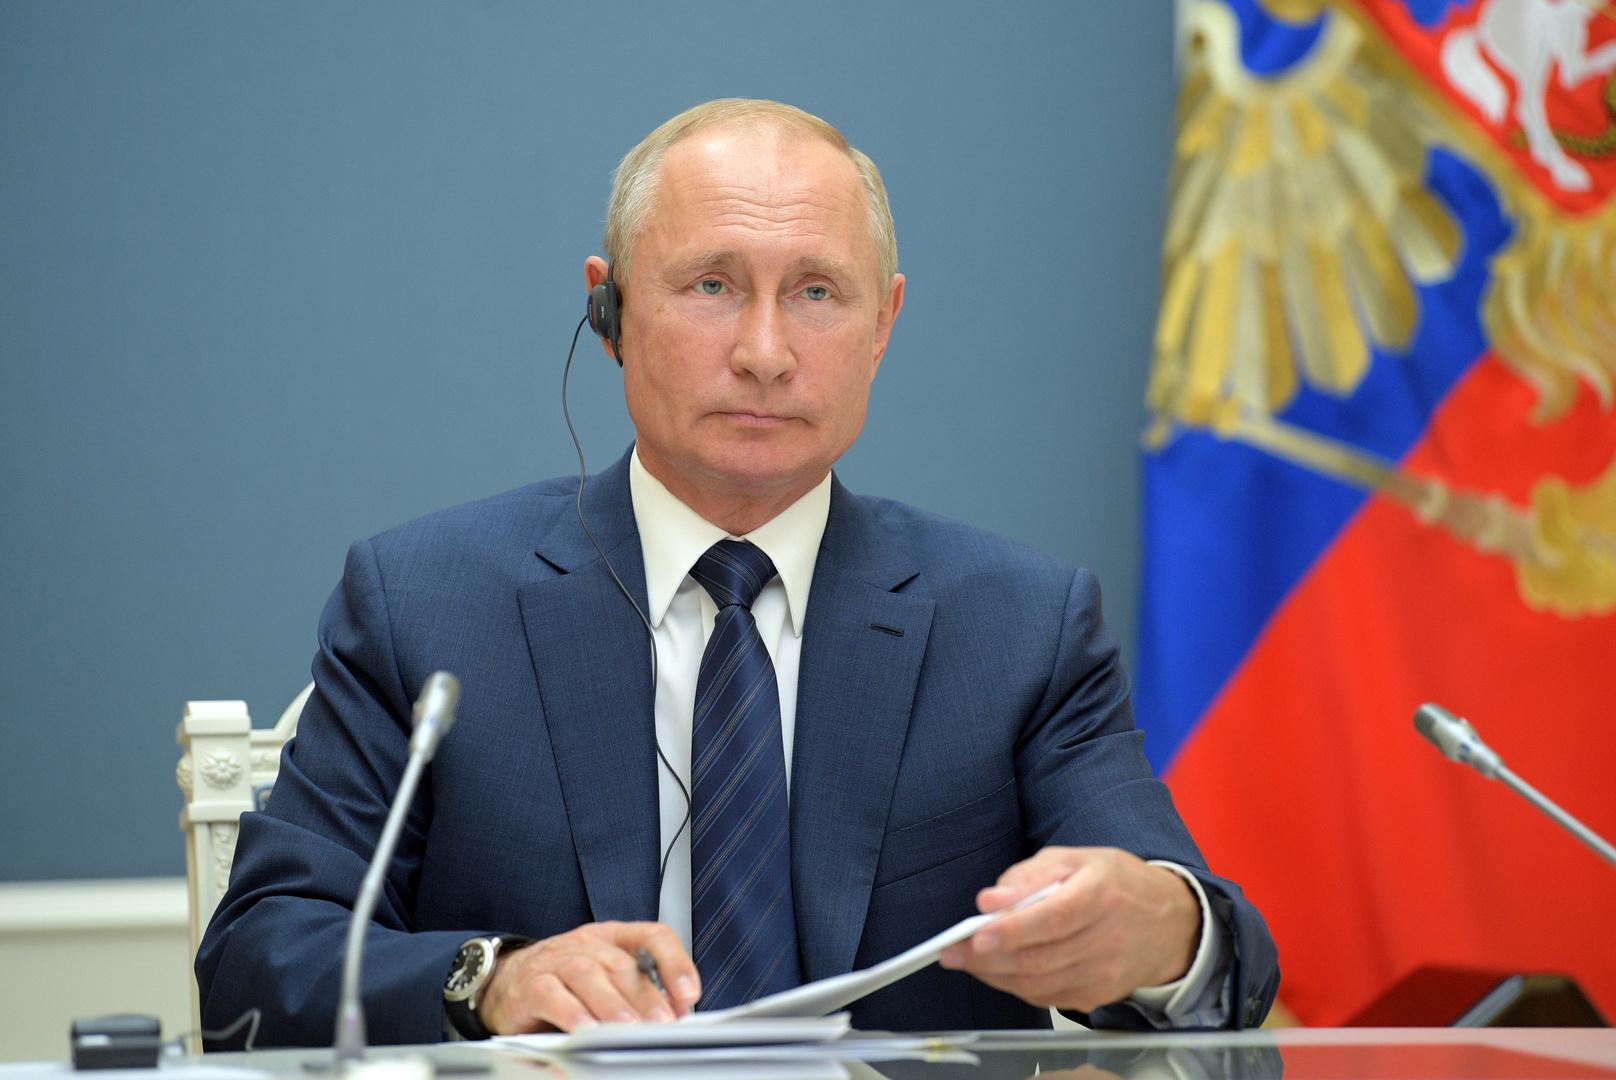 إسرائيل نبهت روسيا إلى مخاطر جديدة في سوريا